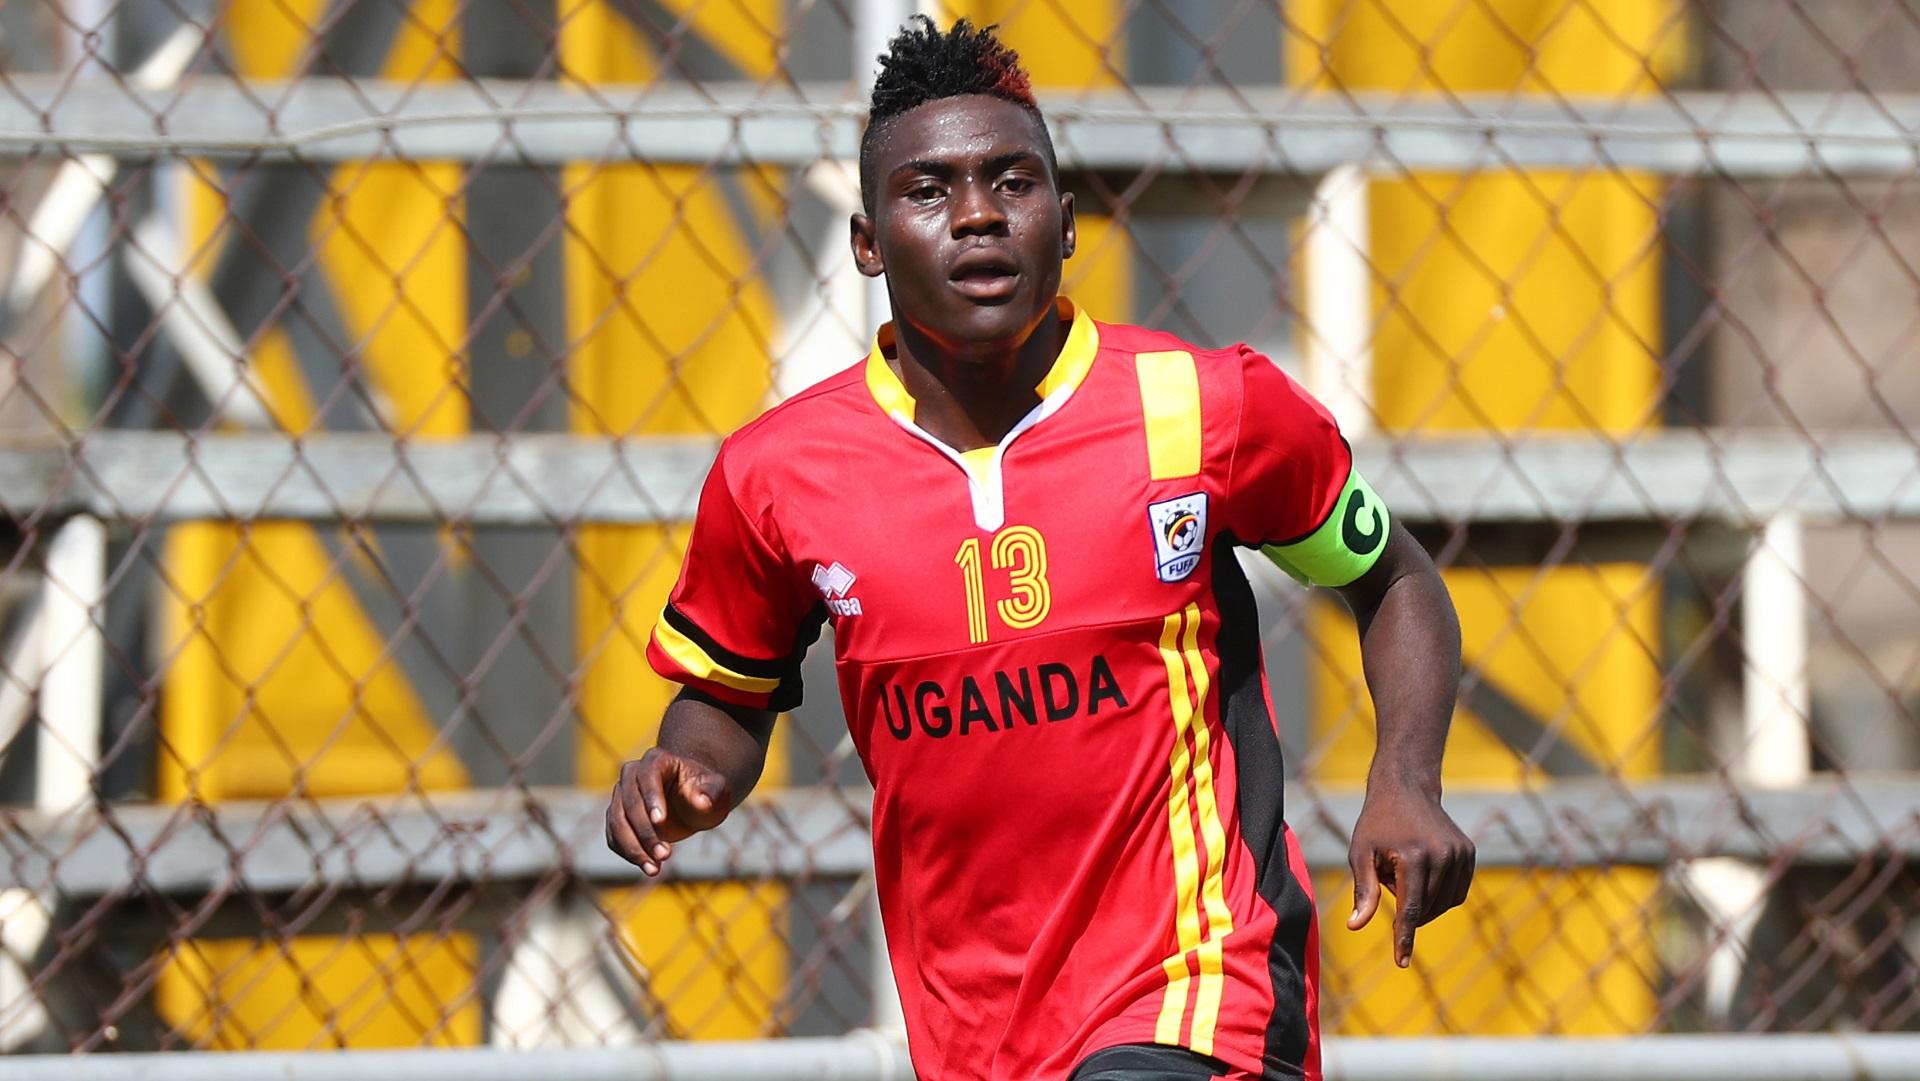 Muhammad Shaban of Uganda